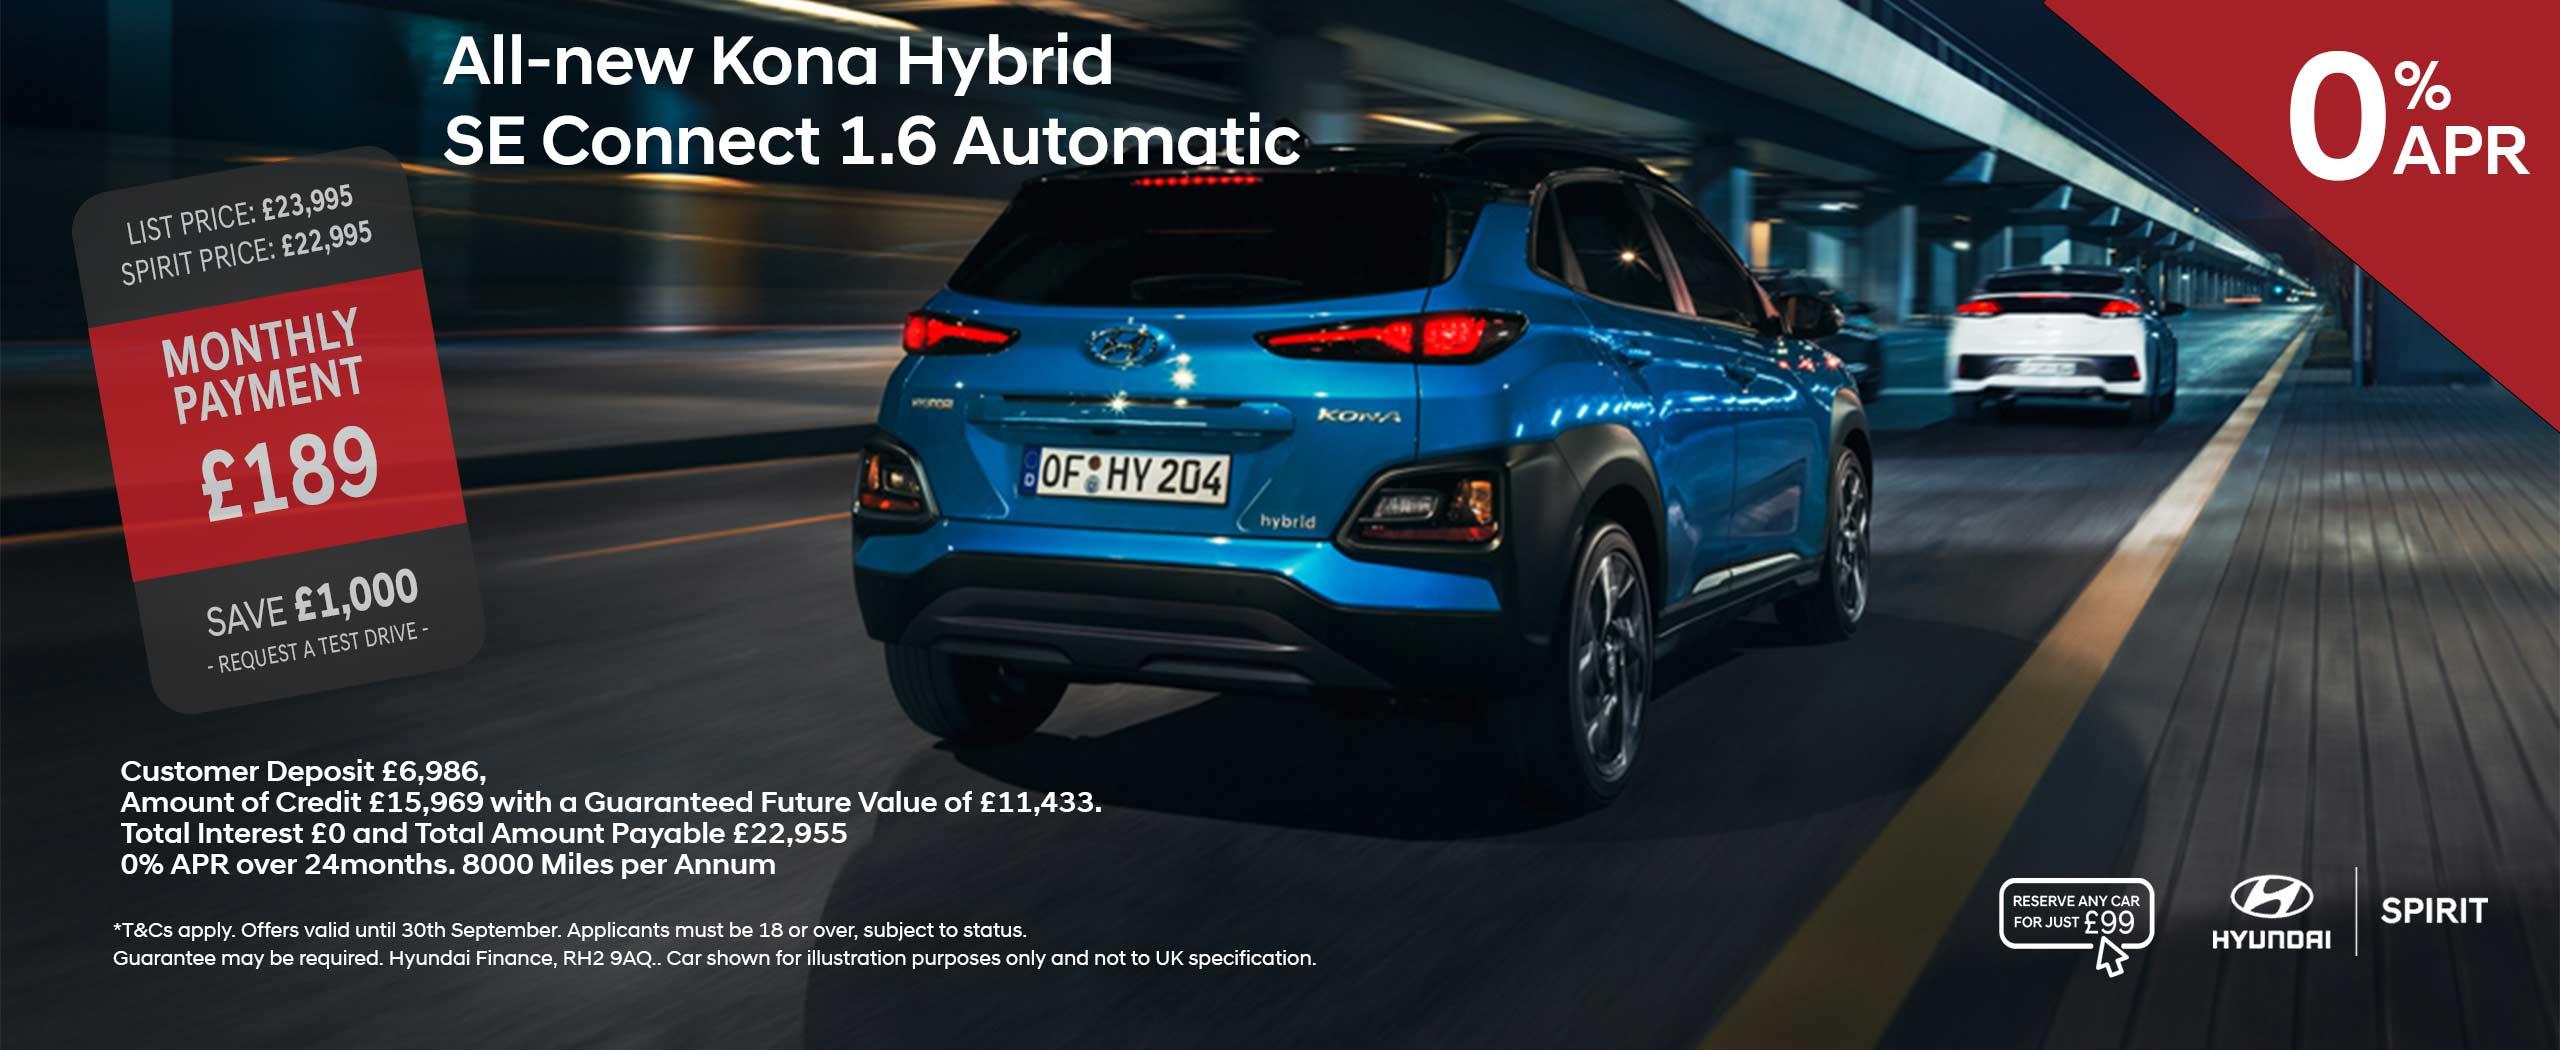 All-New KONA Hybrid